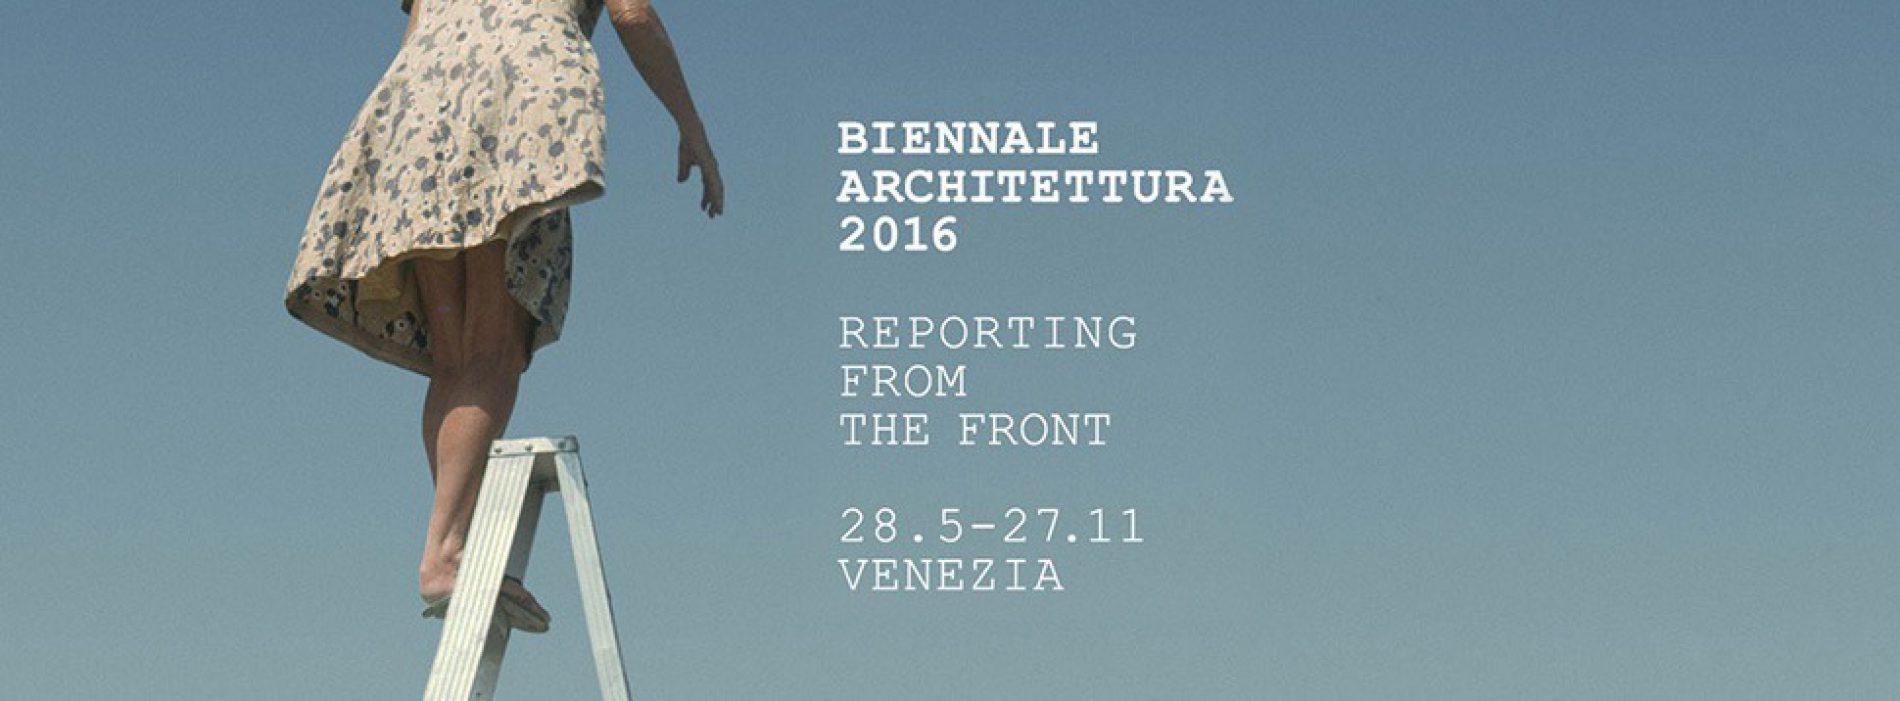 Torna la Biennale dell'Architettura a Venezia